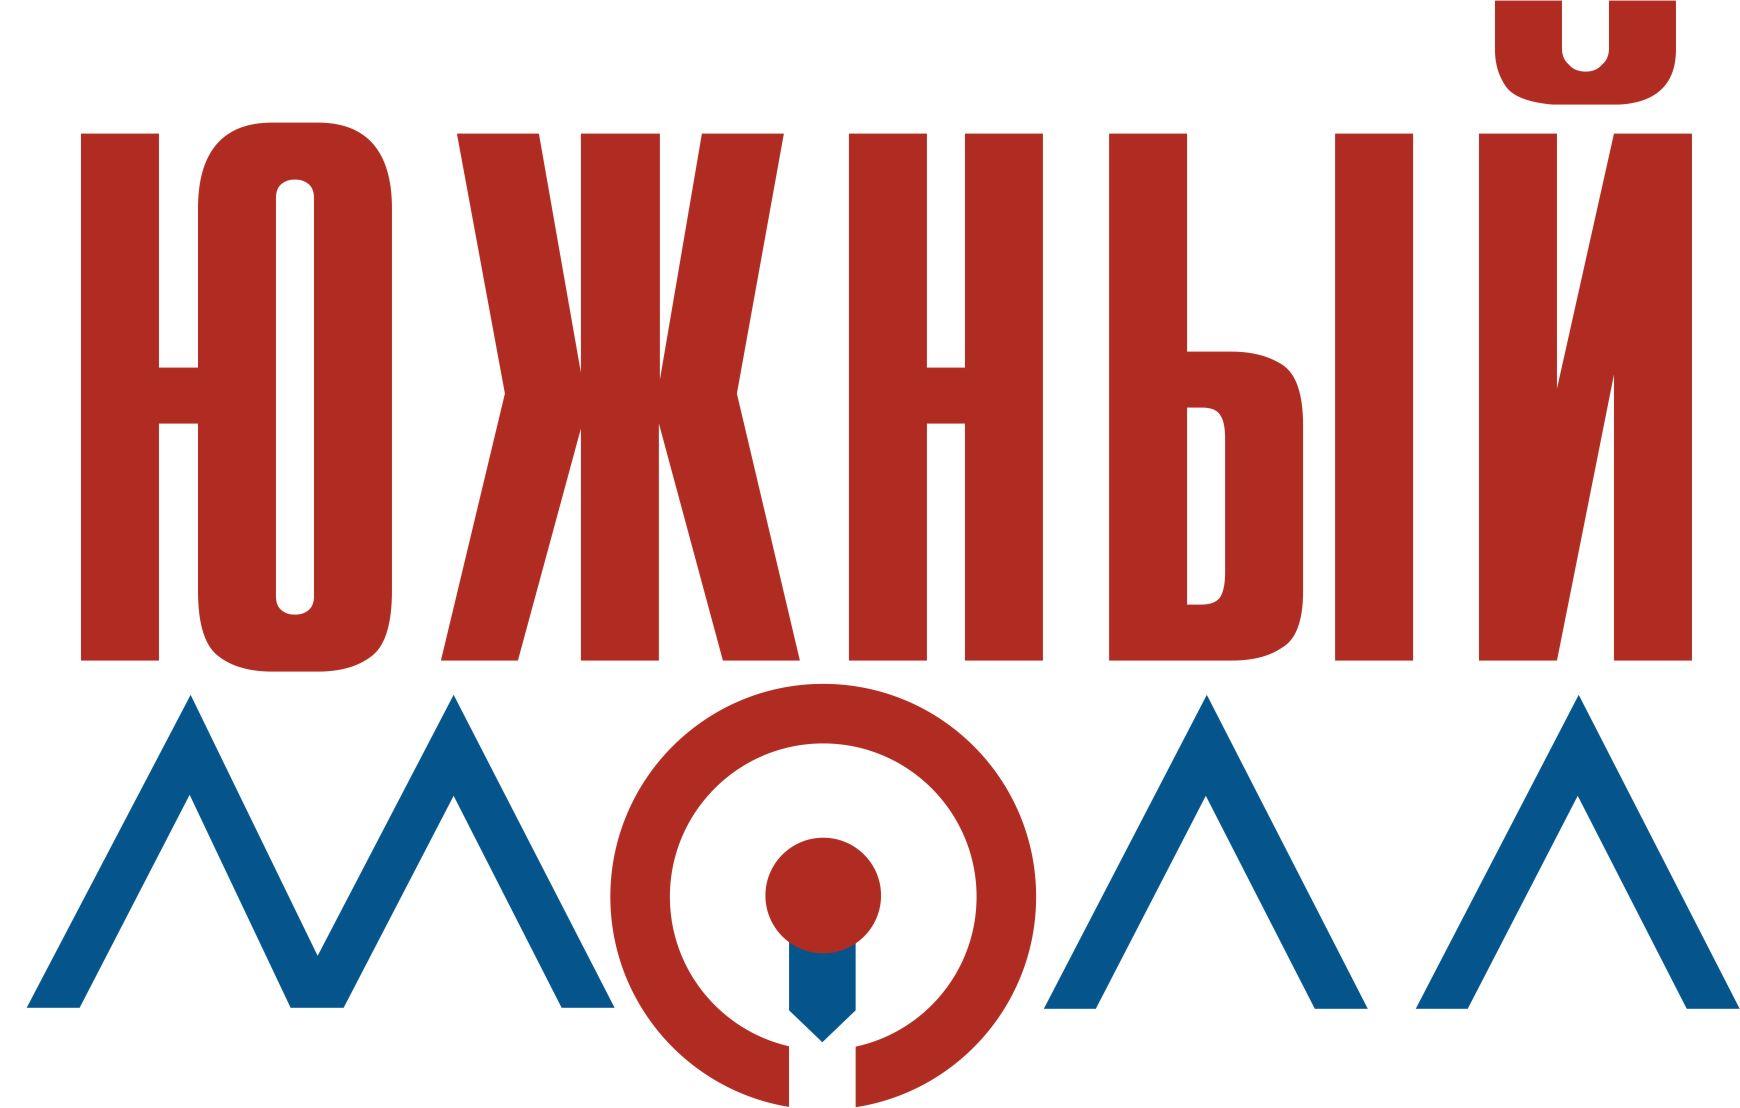 Разработка логотипа фото f_4db07d8c615a0.jpg